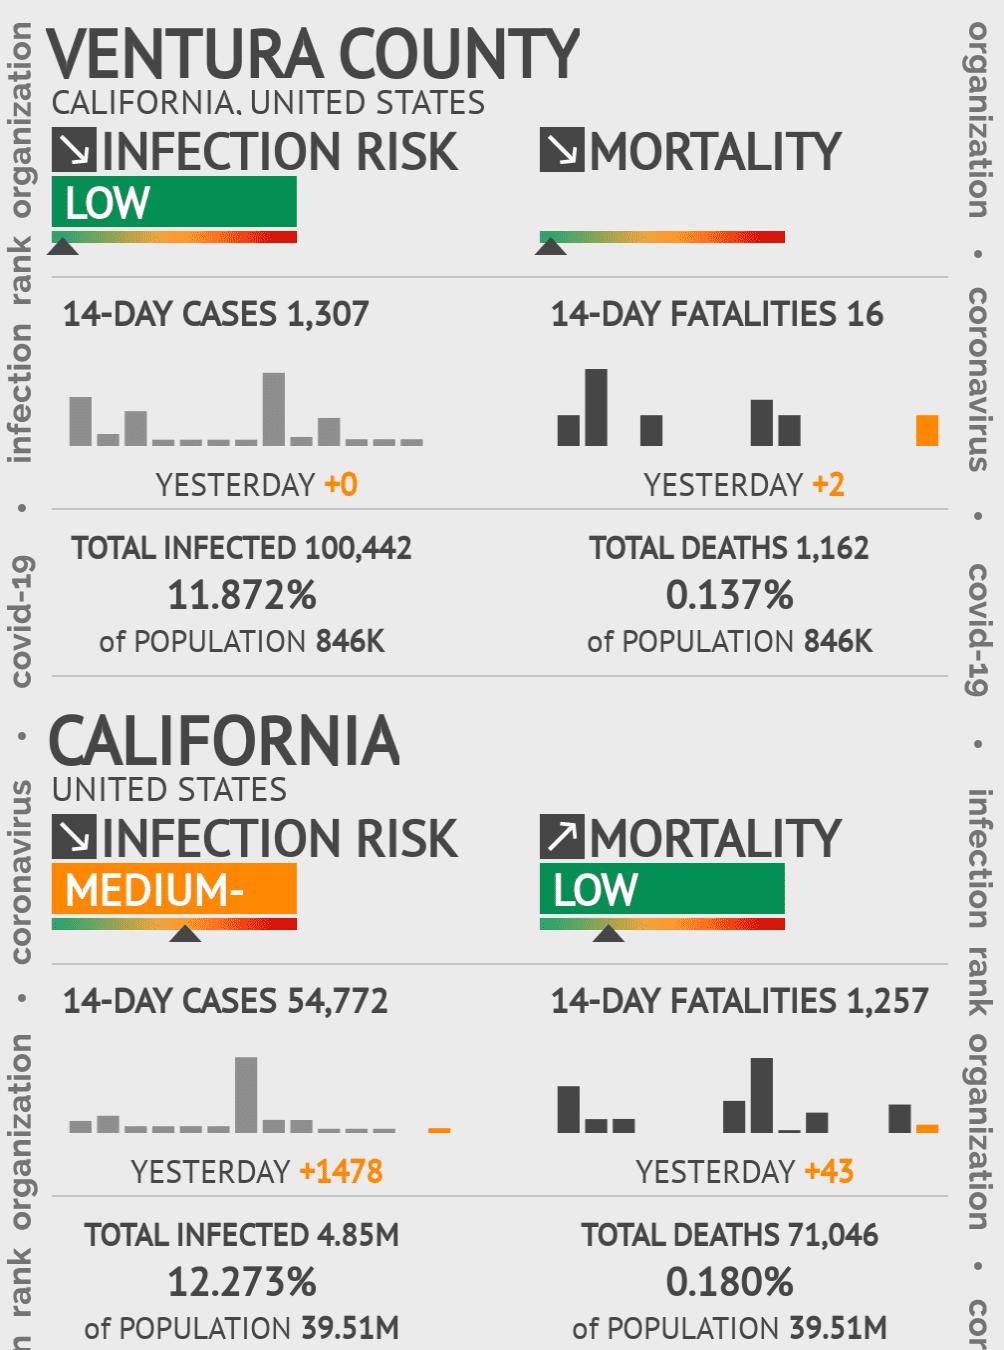 Ventura County Coronavirus Covid-19 Risk of Infection on January 21, 2021